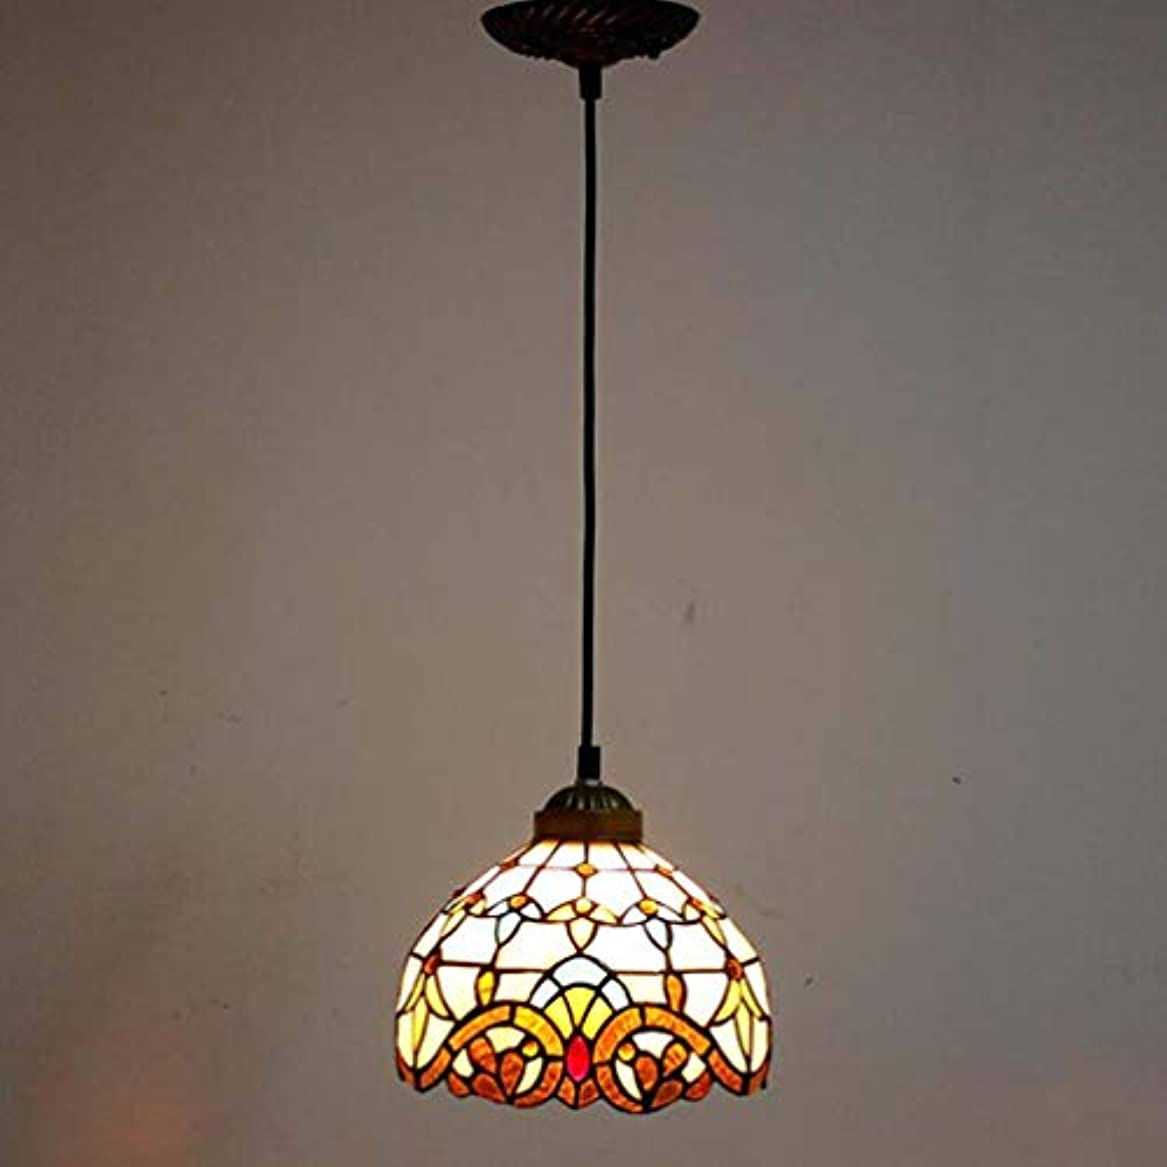 ピカリング無駄にピッチティファニースタイル1ライトミニペンダント照明、ヴィンテージシーリングライト吊り下げランプステンドグラスシェード(5.5